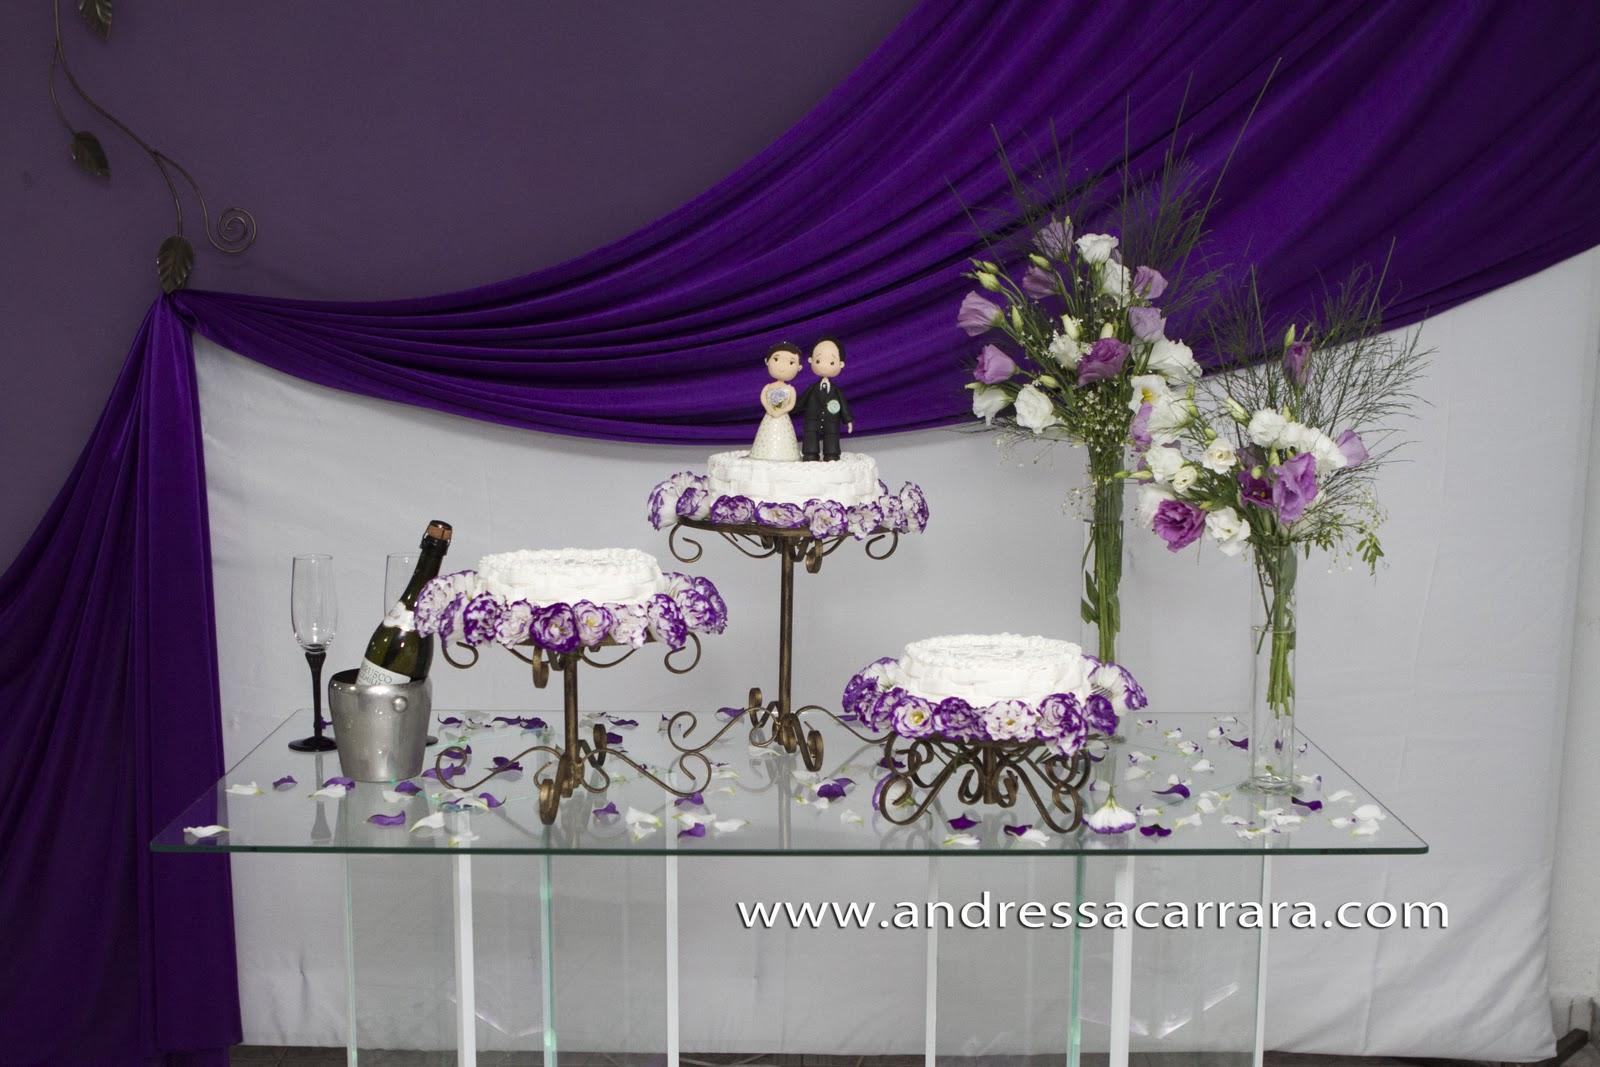 decoracao branco e lilas para casamento: vida da marcela e do roque juntos para a realização de mais um sonho